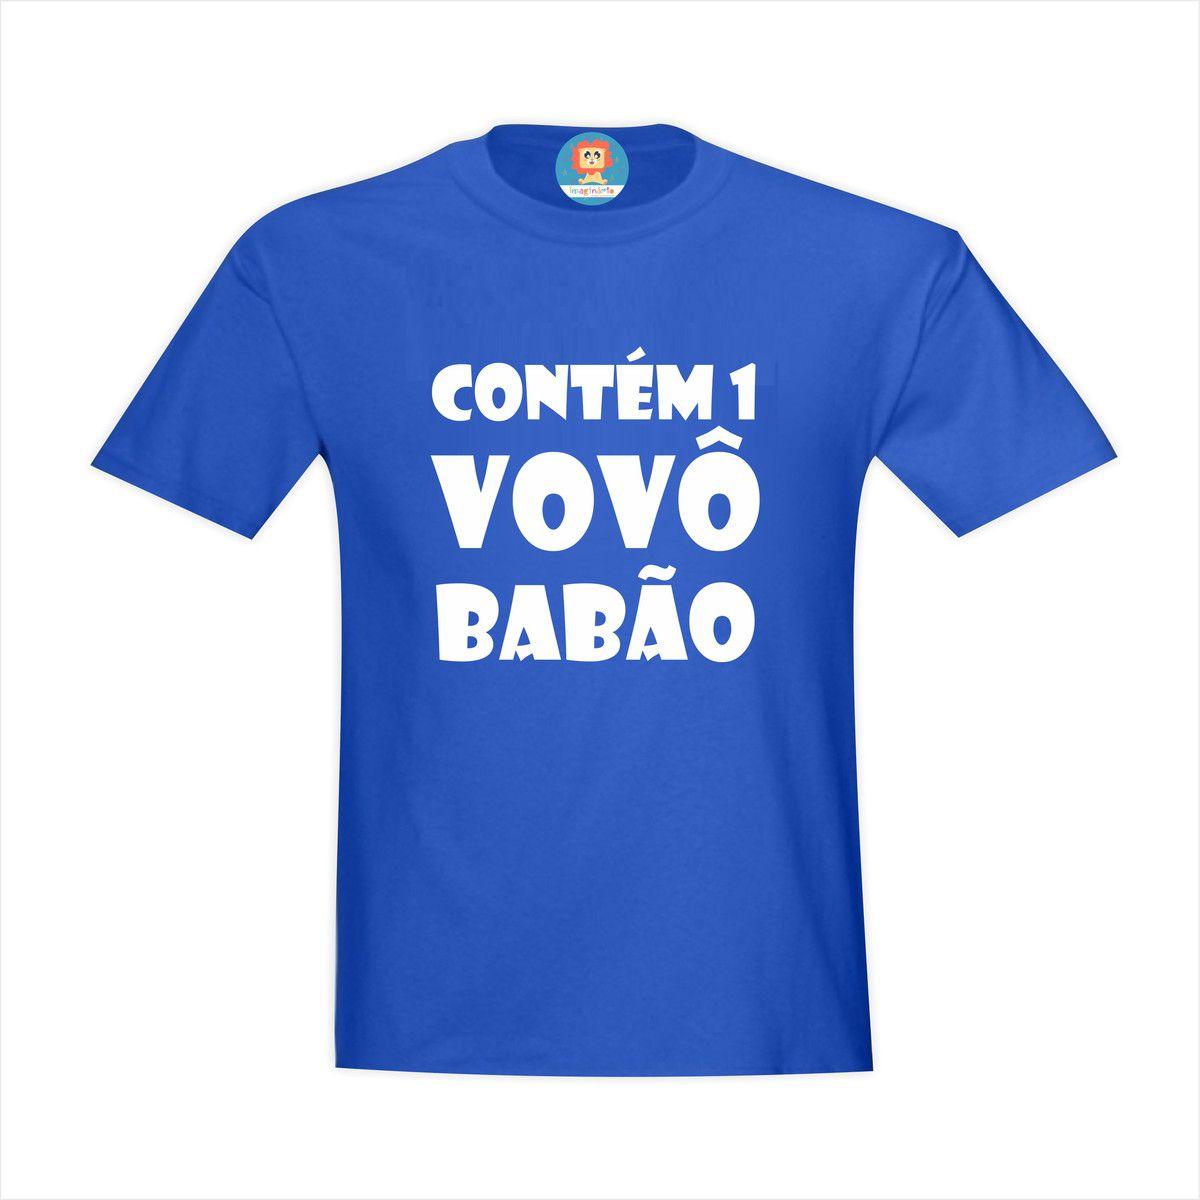 Camiseta Contém 1 Vovô Babão